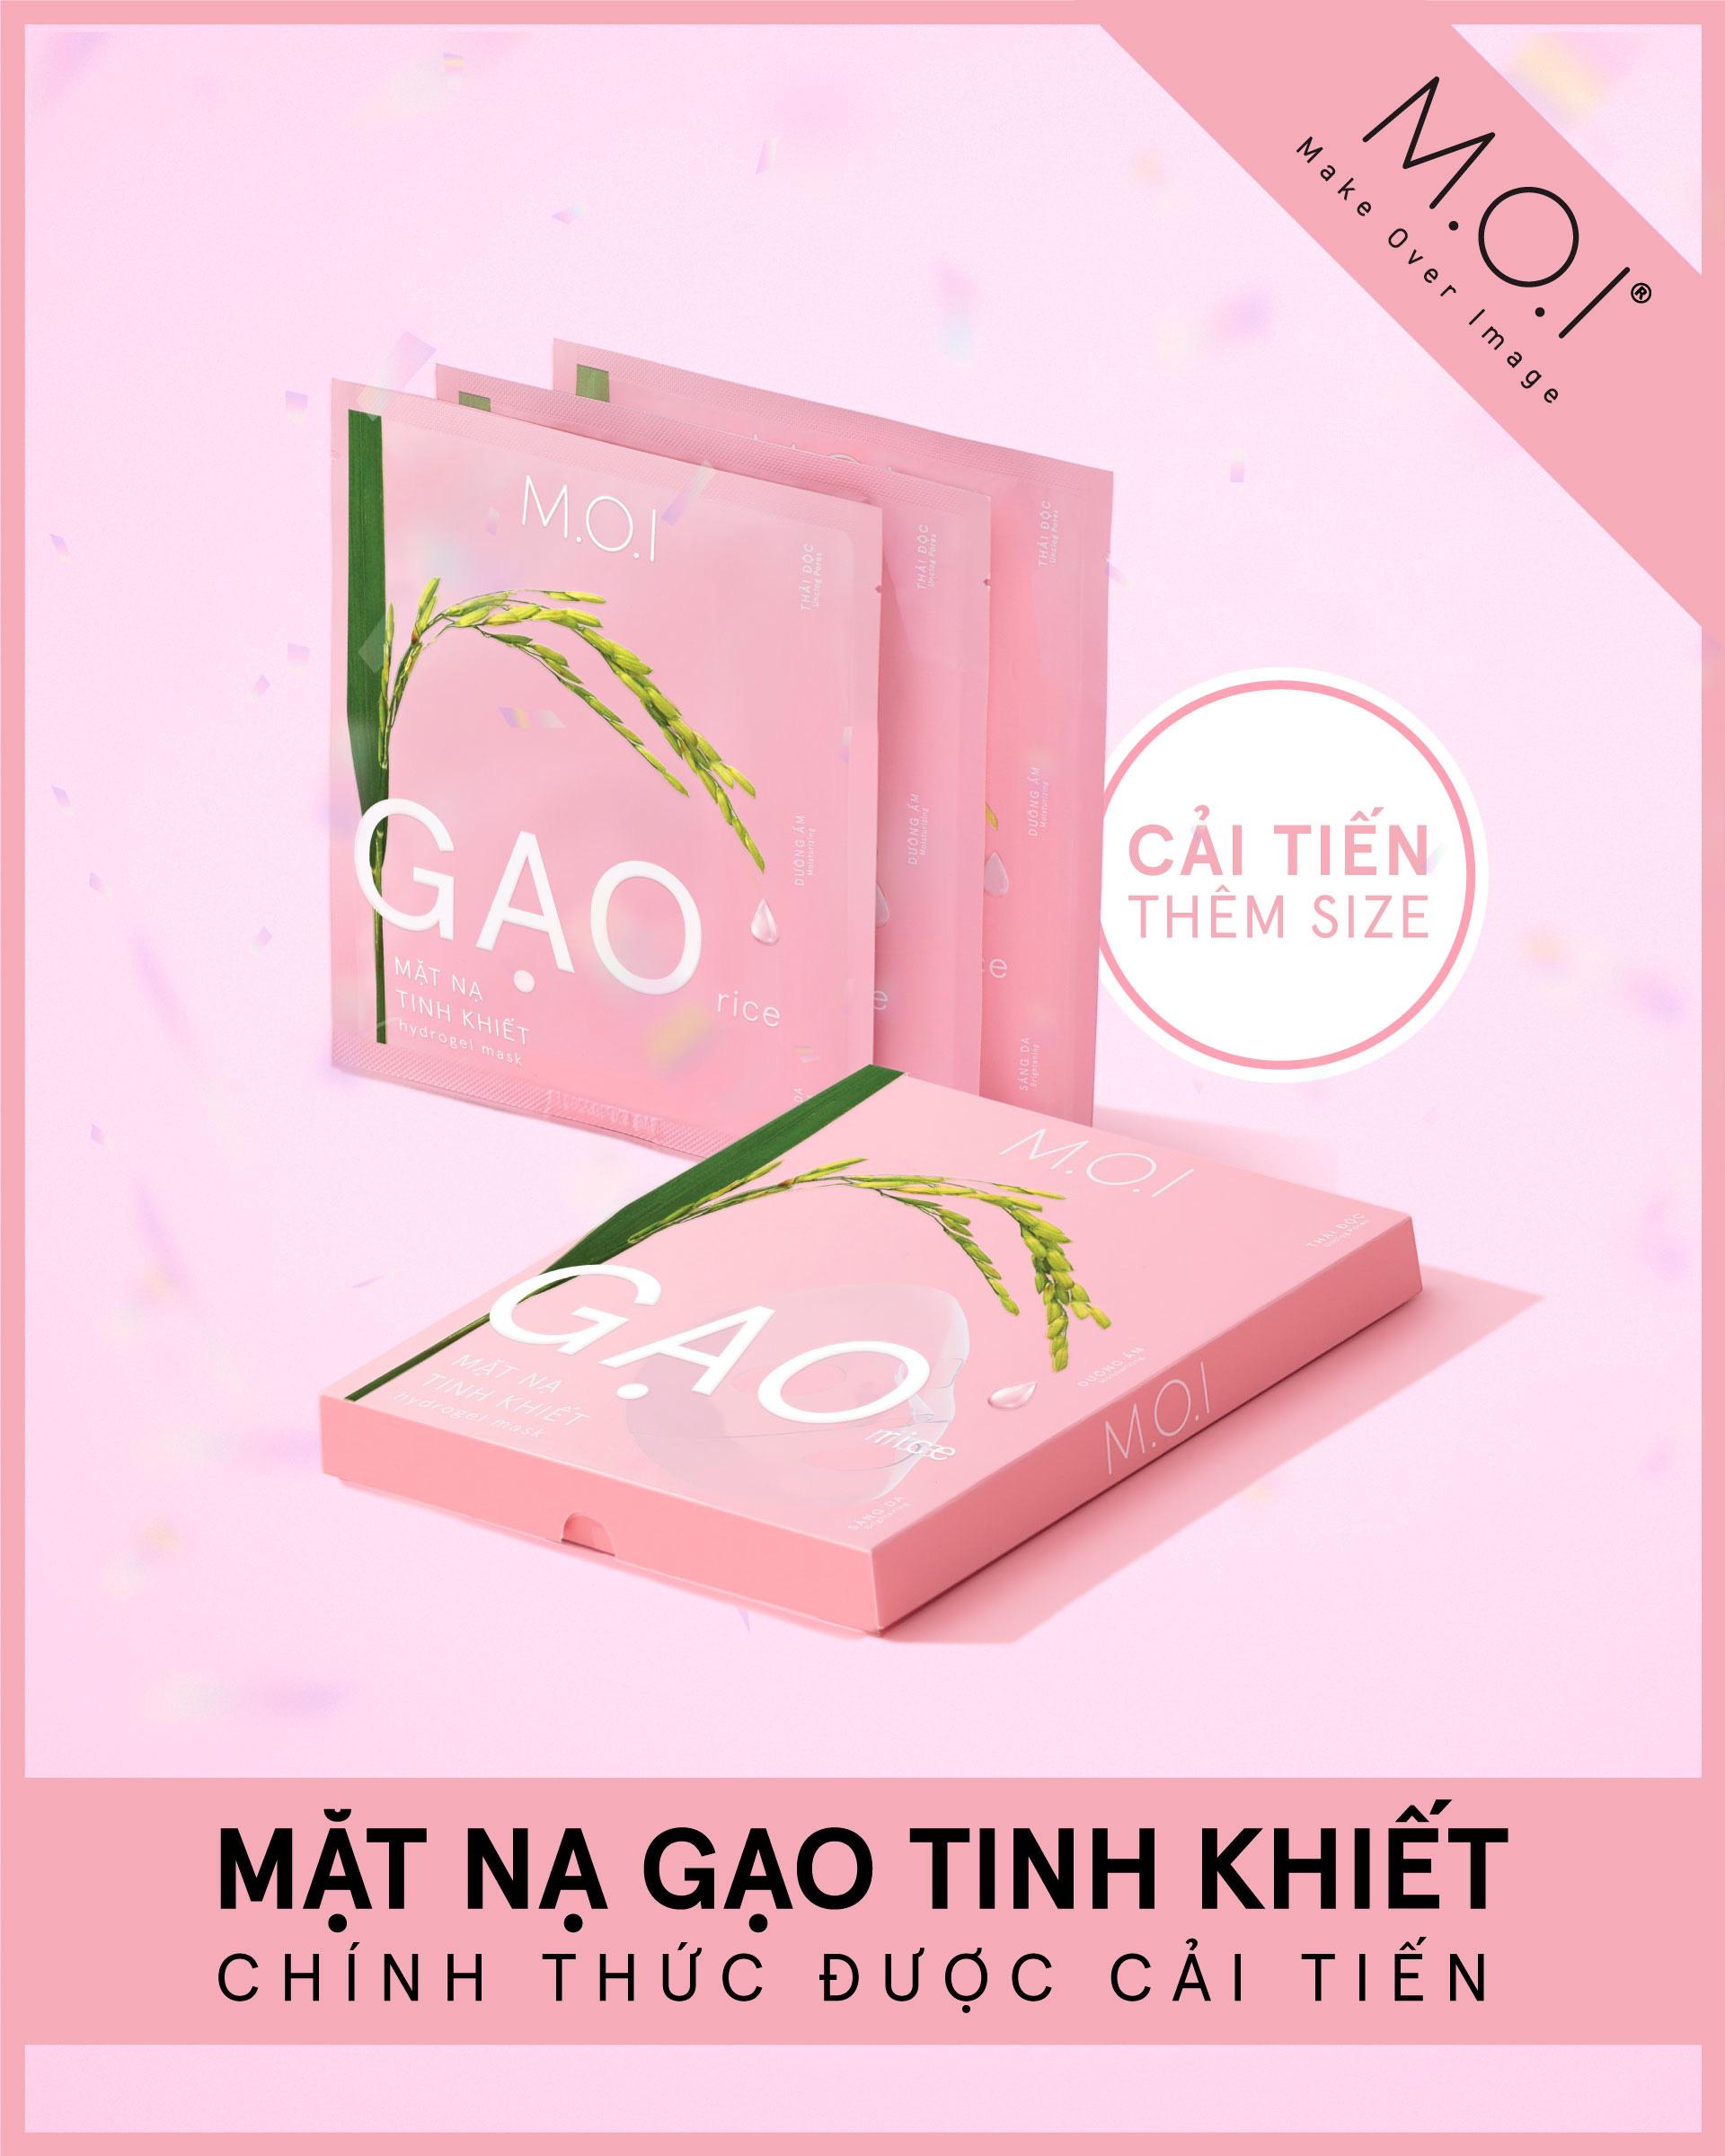 """Chơi lớn như Hà Hồ, dám mời các beauty blogger từng """"chê"""" mình tới """"soi"""" mặt nạ gạo cải tiến - Ảnh 4."""